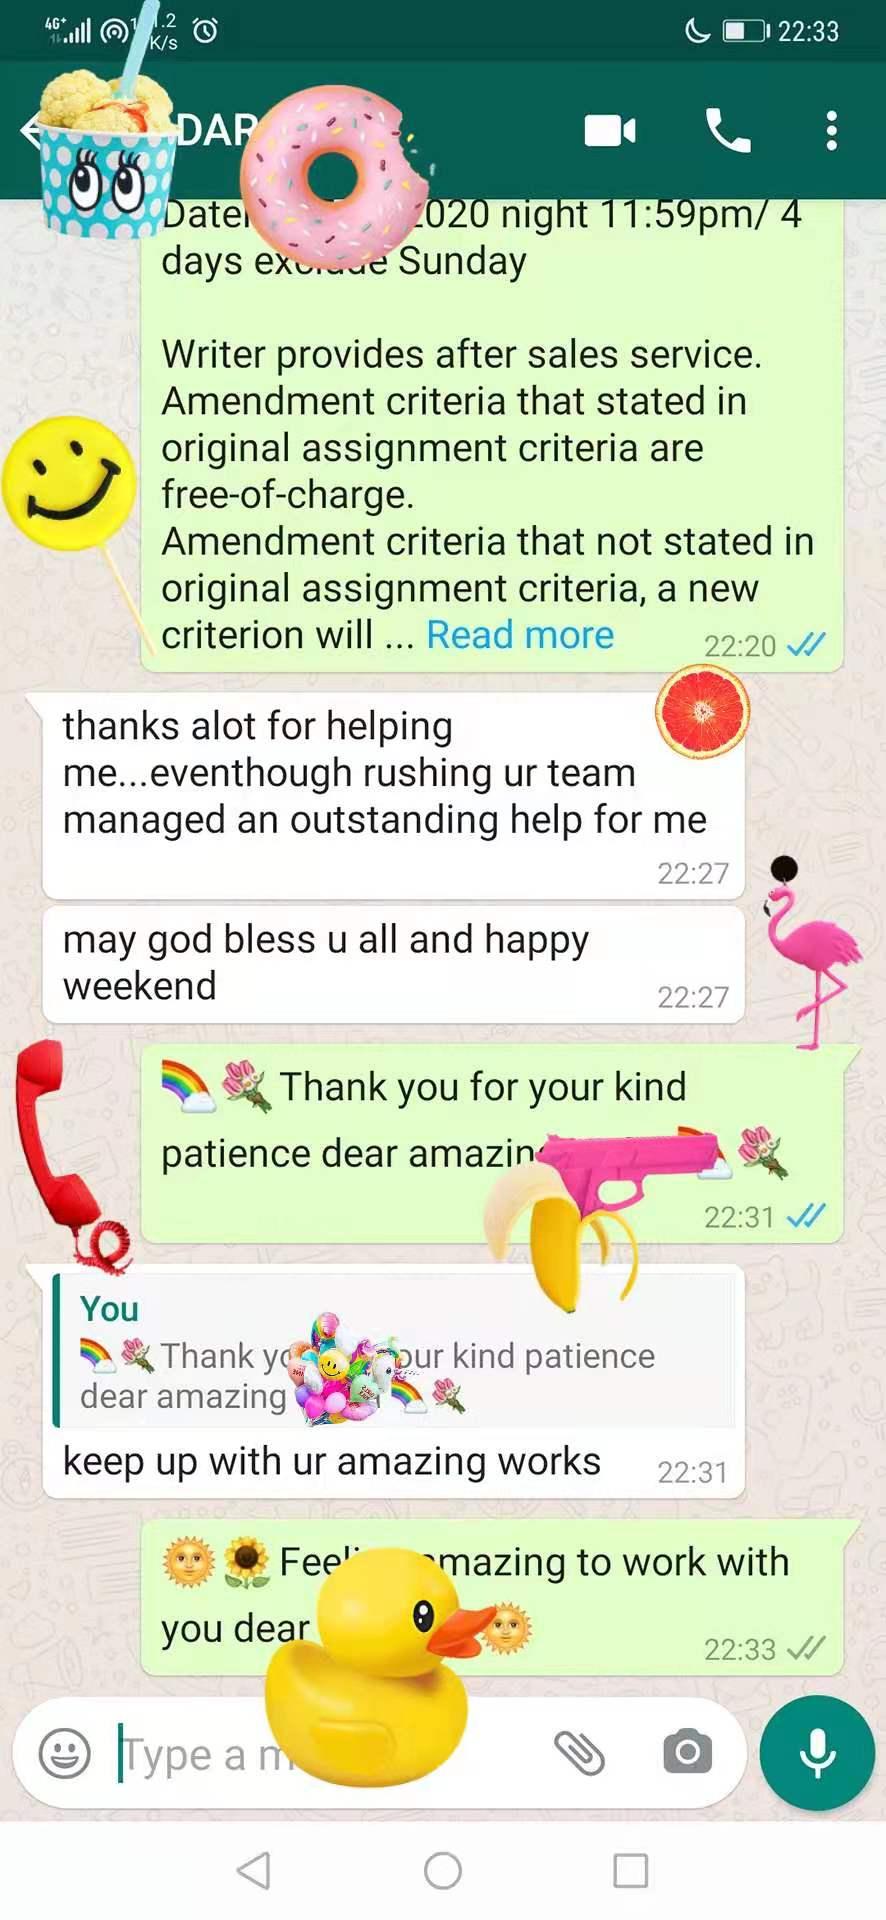 在十二月五号二零二零年,一位客户感激我们的服务:)On 5th December 2020, a client thanked our service ❤